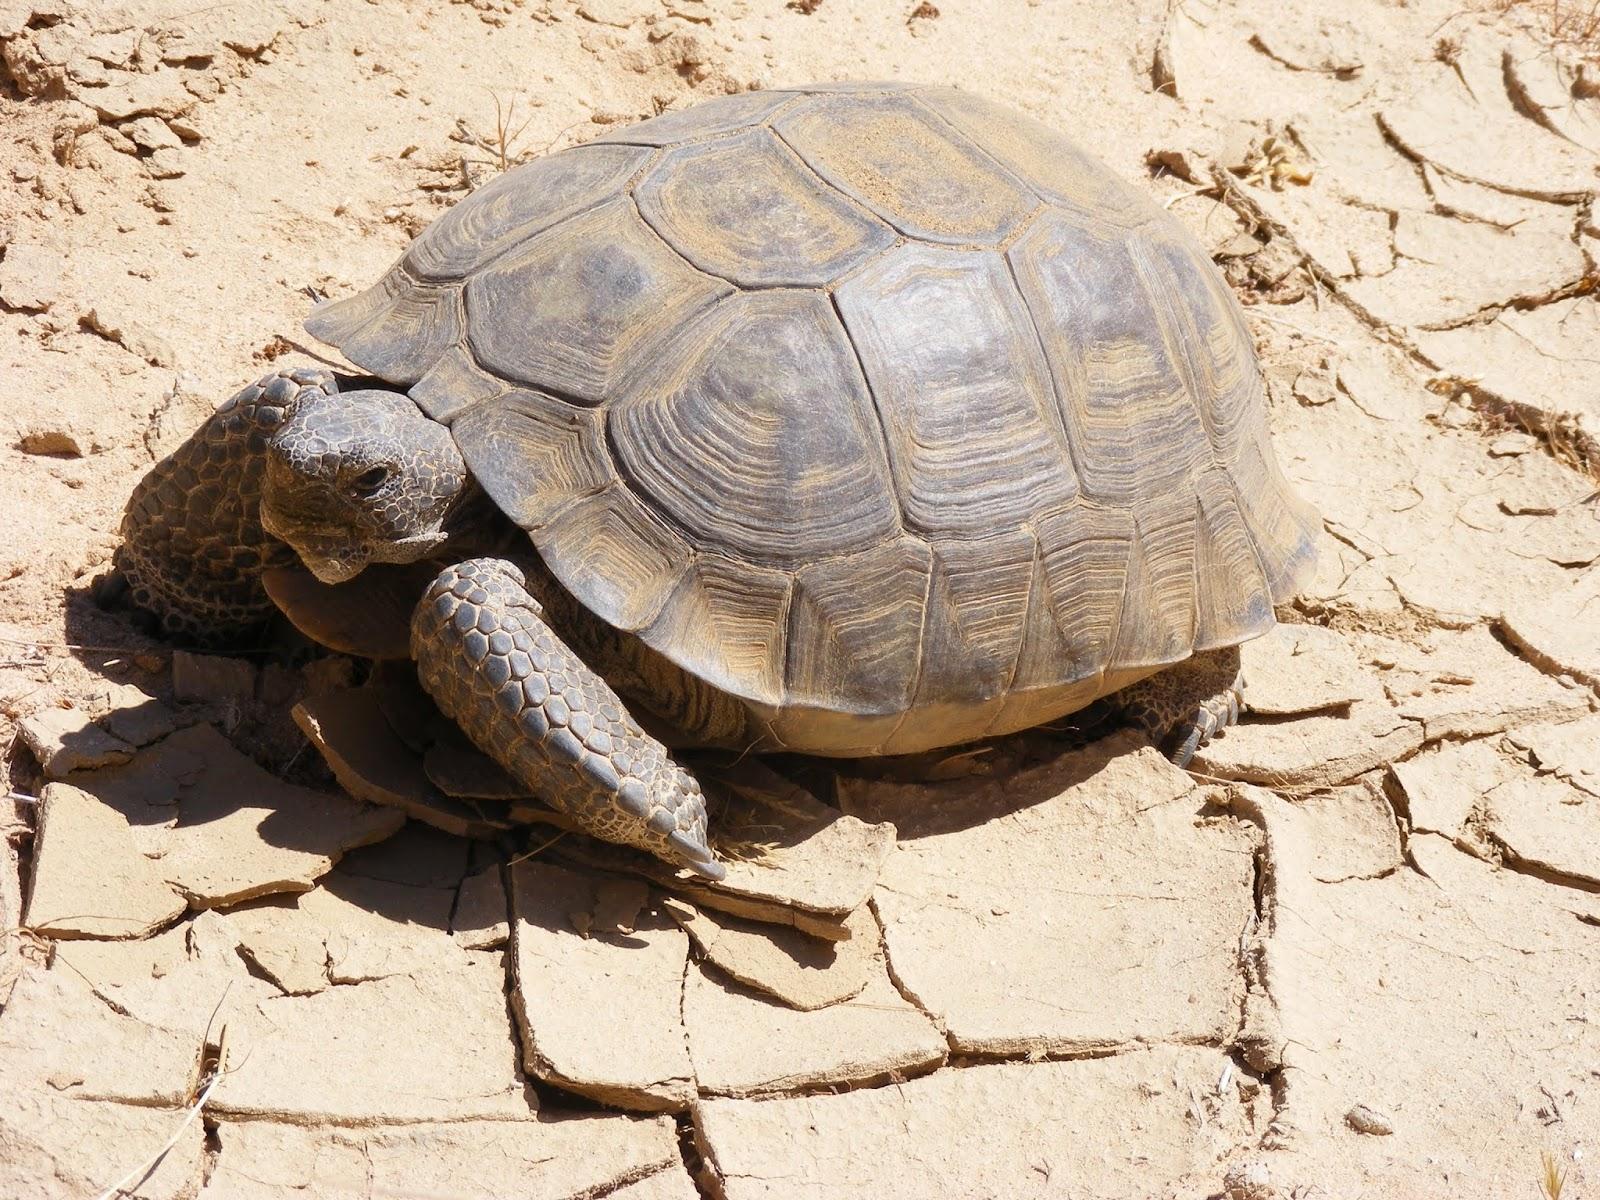 Jenis Kura – Kura Desert Tortoise